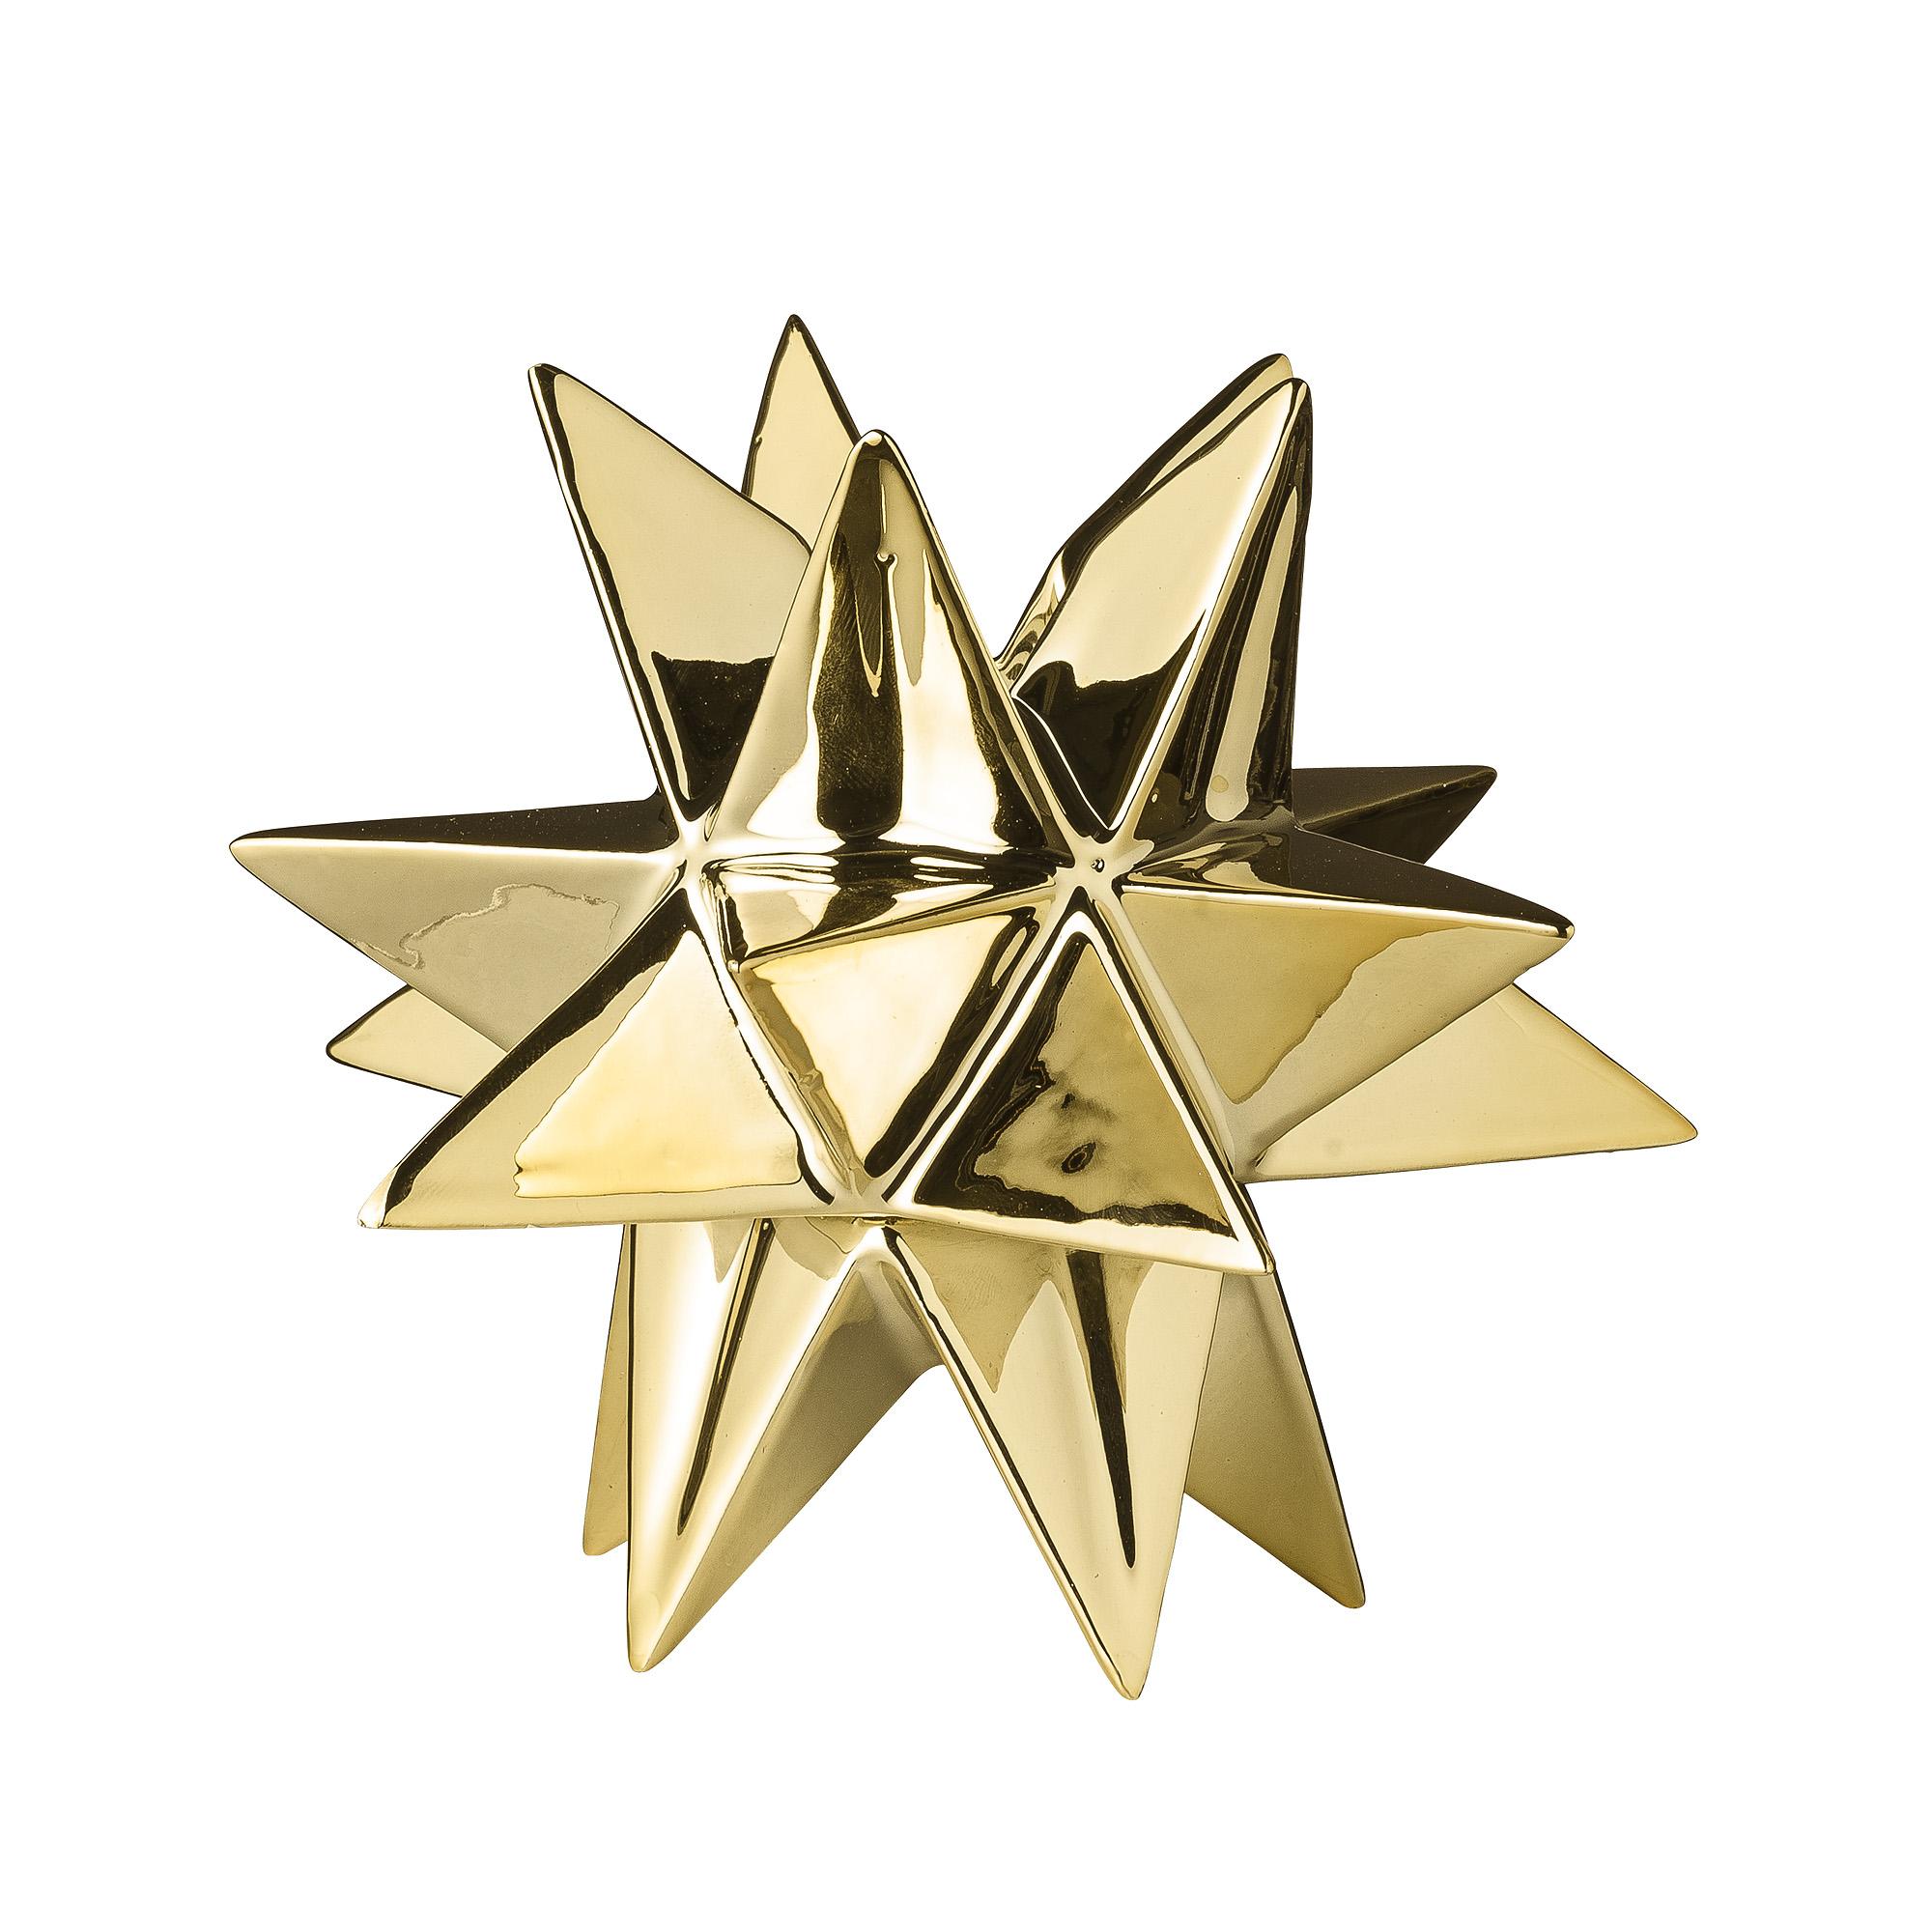 Подсвечник Звезда 3DПодсвечники<br>Декоративная золотая звезда из керамики с углублением для свечей диаметром 2 см от датских дизайнеров Bloomingville.<br><br>Material: Керамика<br>Ширина см: 13.0<br>Высота см: 12.5<br>Глубина см: 11.0